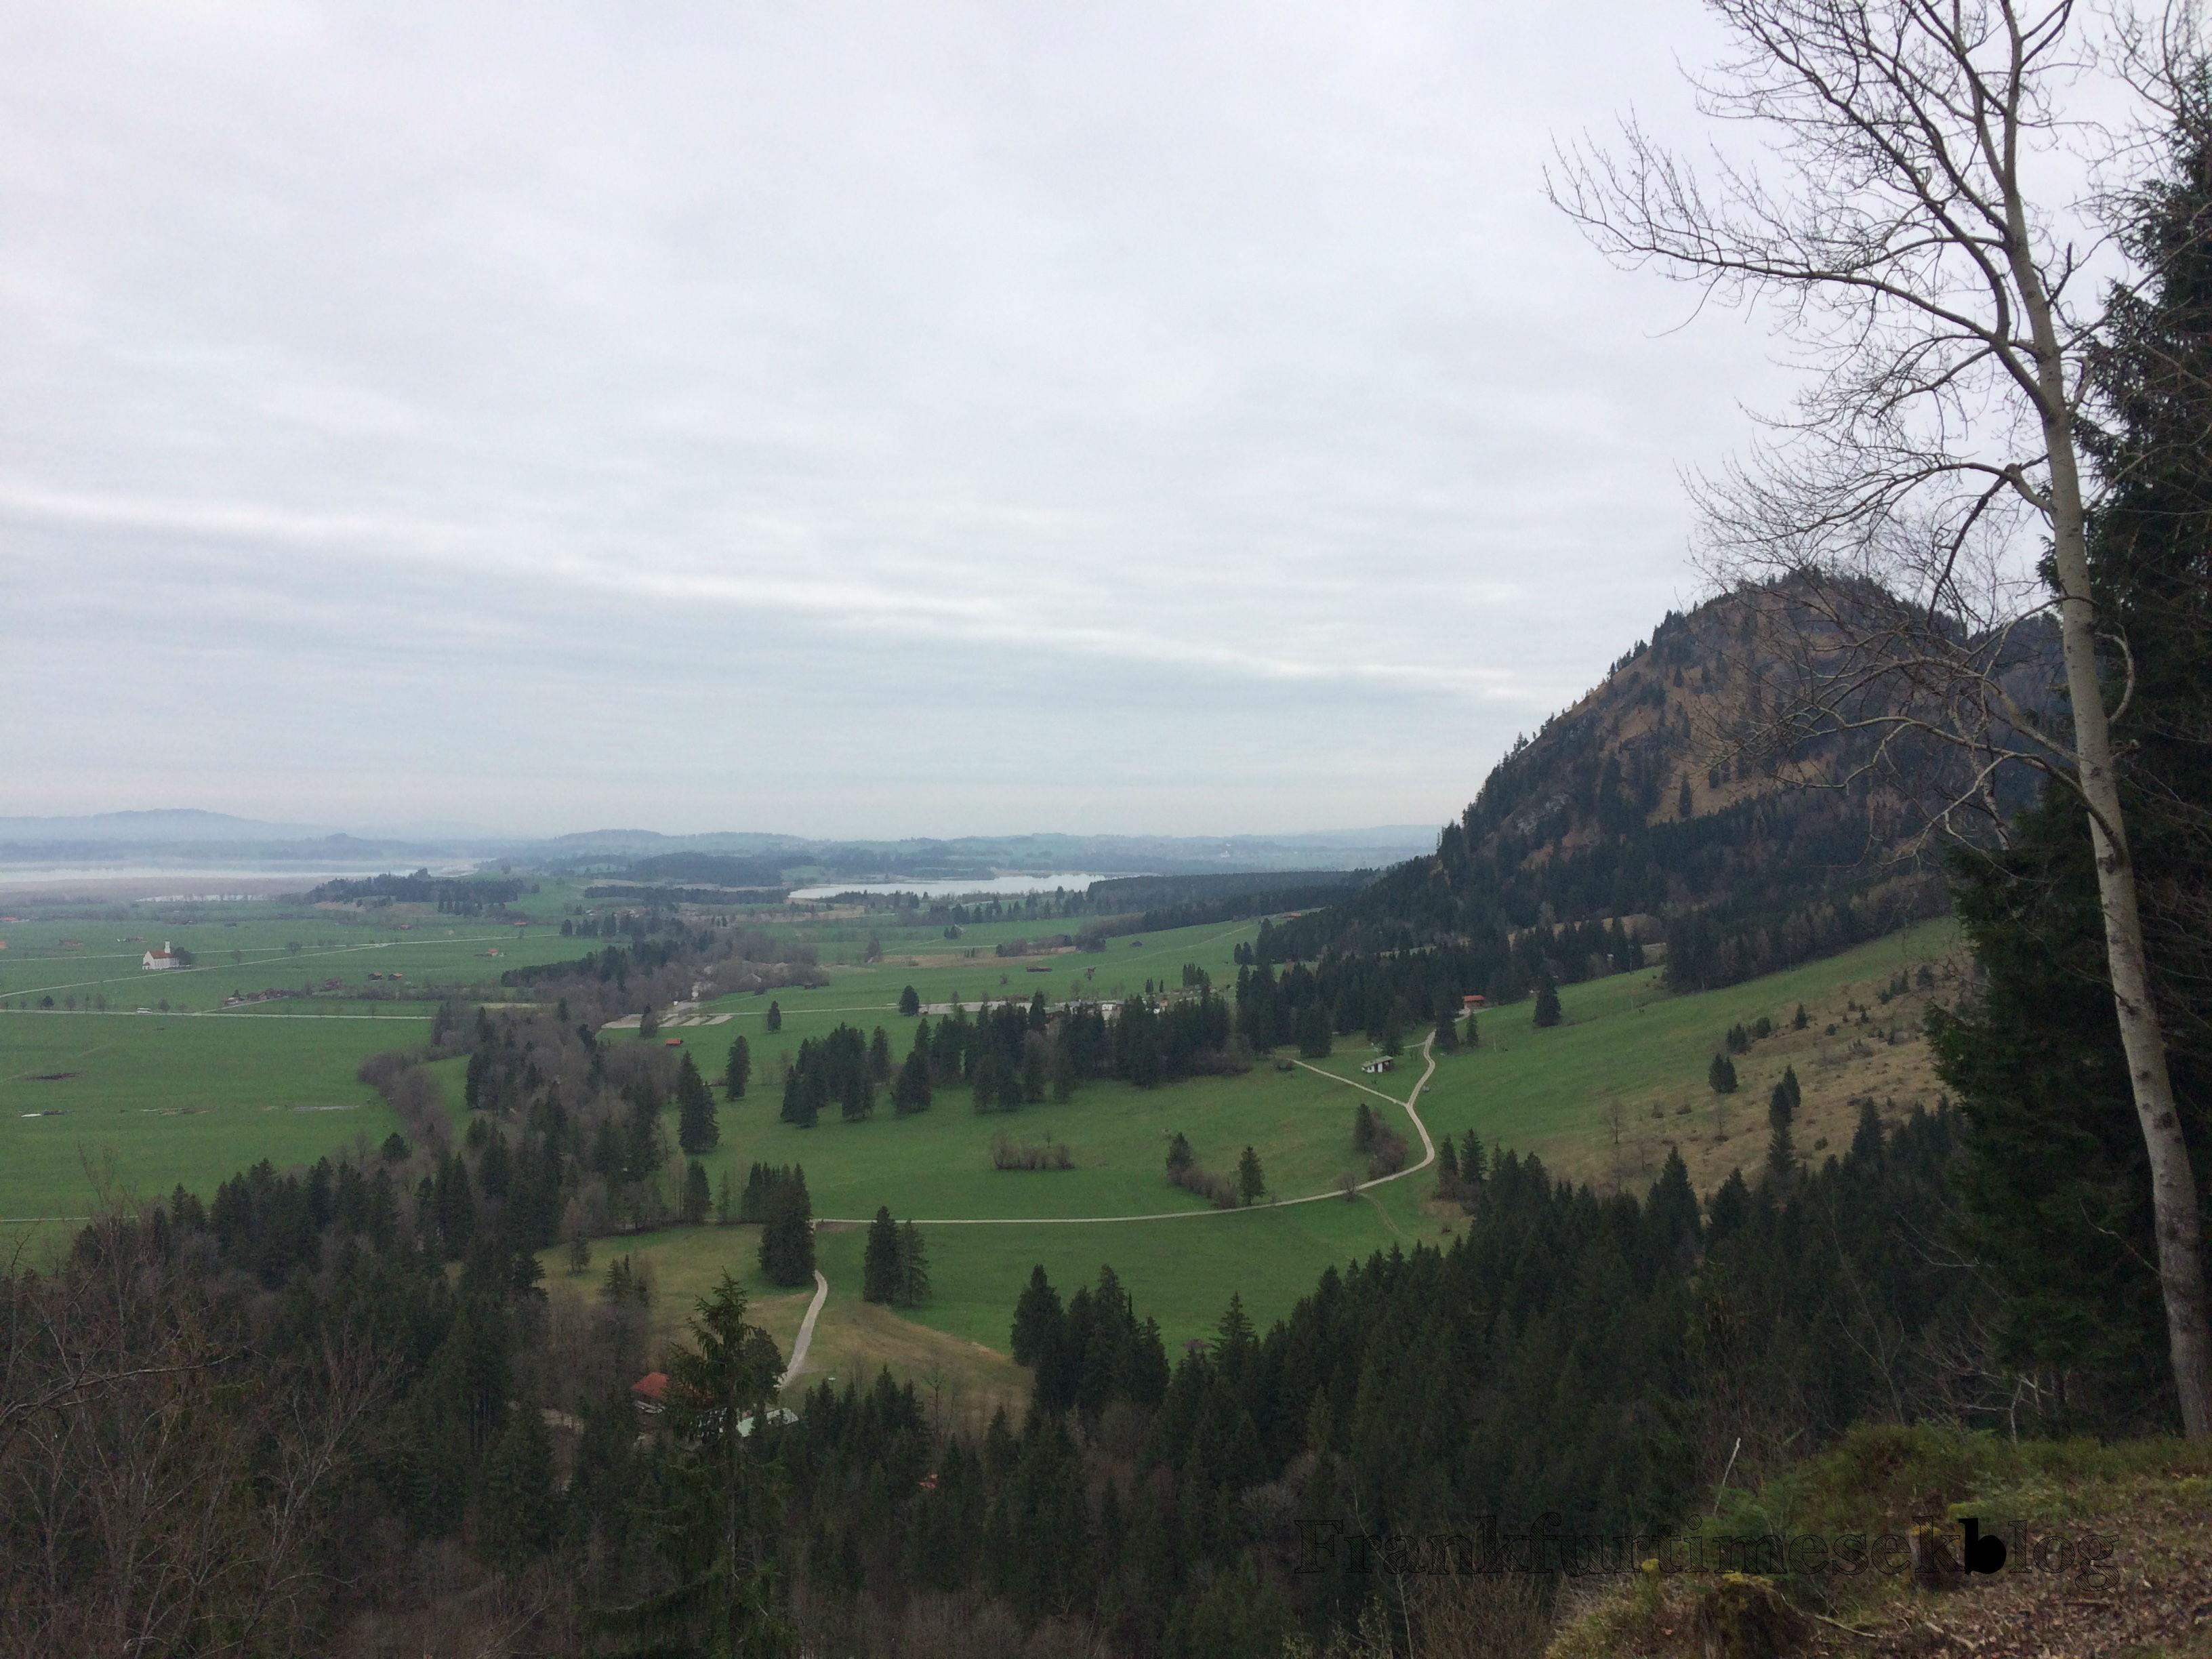 Kilátás a hegytetőről, háttérben az Alpsee